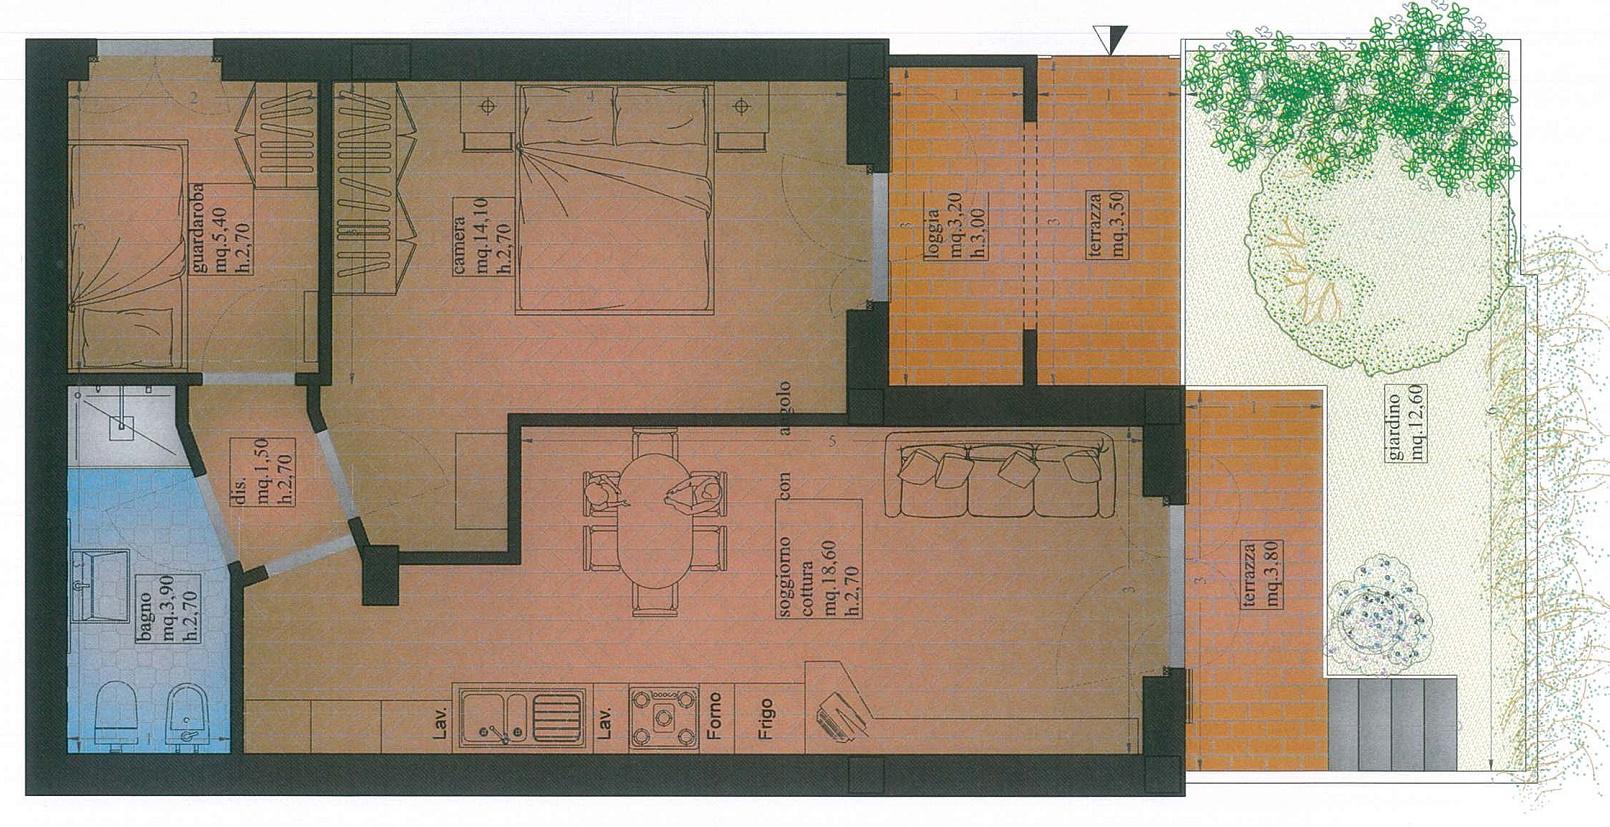 Appartamento in vendita, rif. 02414 (Planimetria 1/3)